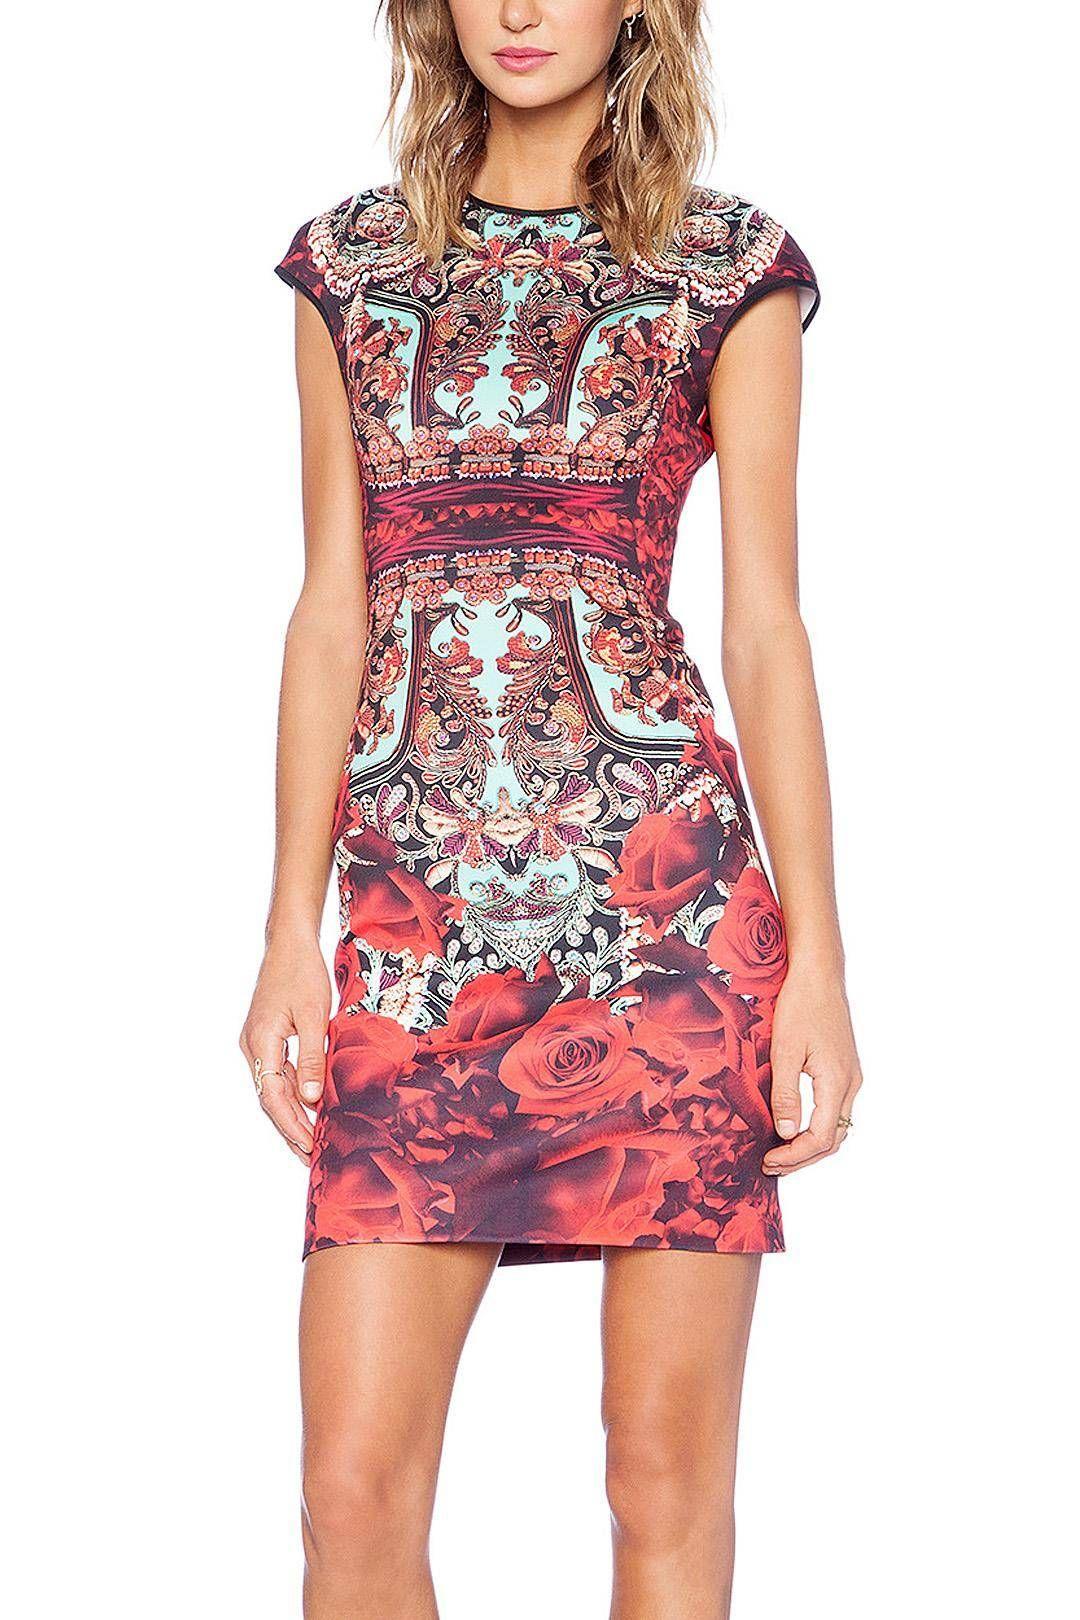 888d88644 Yoins siempre ofrece los vestidos de mujer frescos y dinámicos para que en  todo momento te muestres estilosa y confiada.